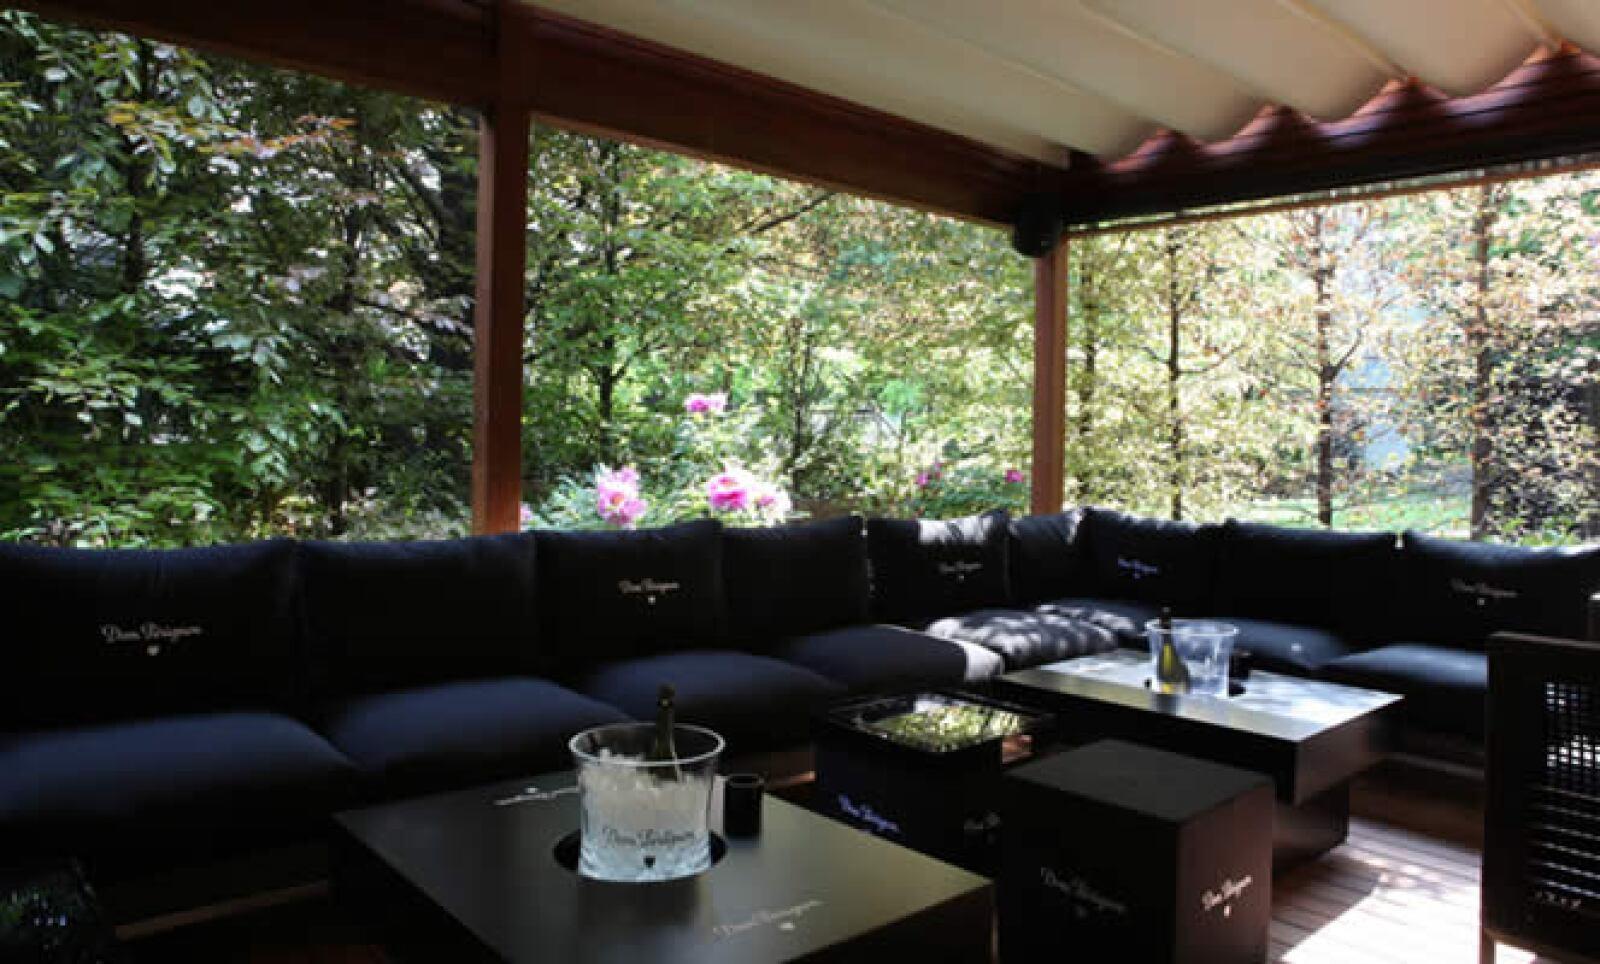 Desde el 3 de mayo y hasta el 30 de septiembre, el Hotel será anfitrión del primer Bar-Lounge de Dom Perignon en Italia, ofreciendo las mejores colecciones de champaña Dom Perignon.